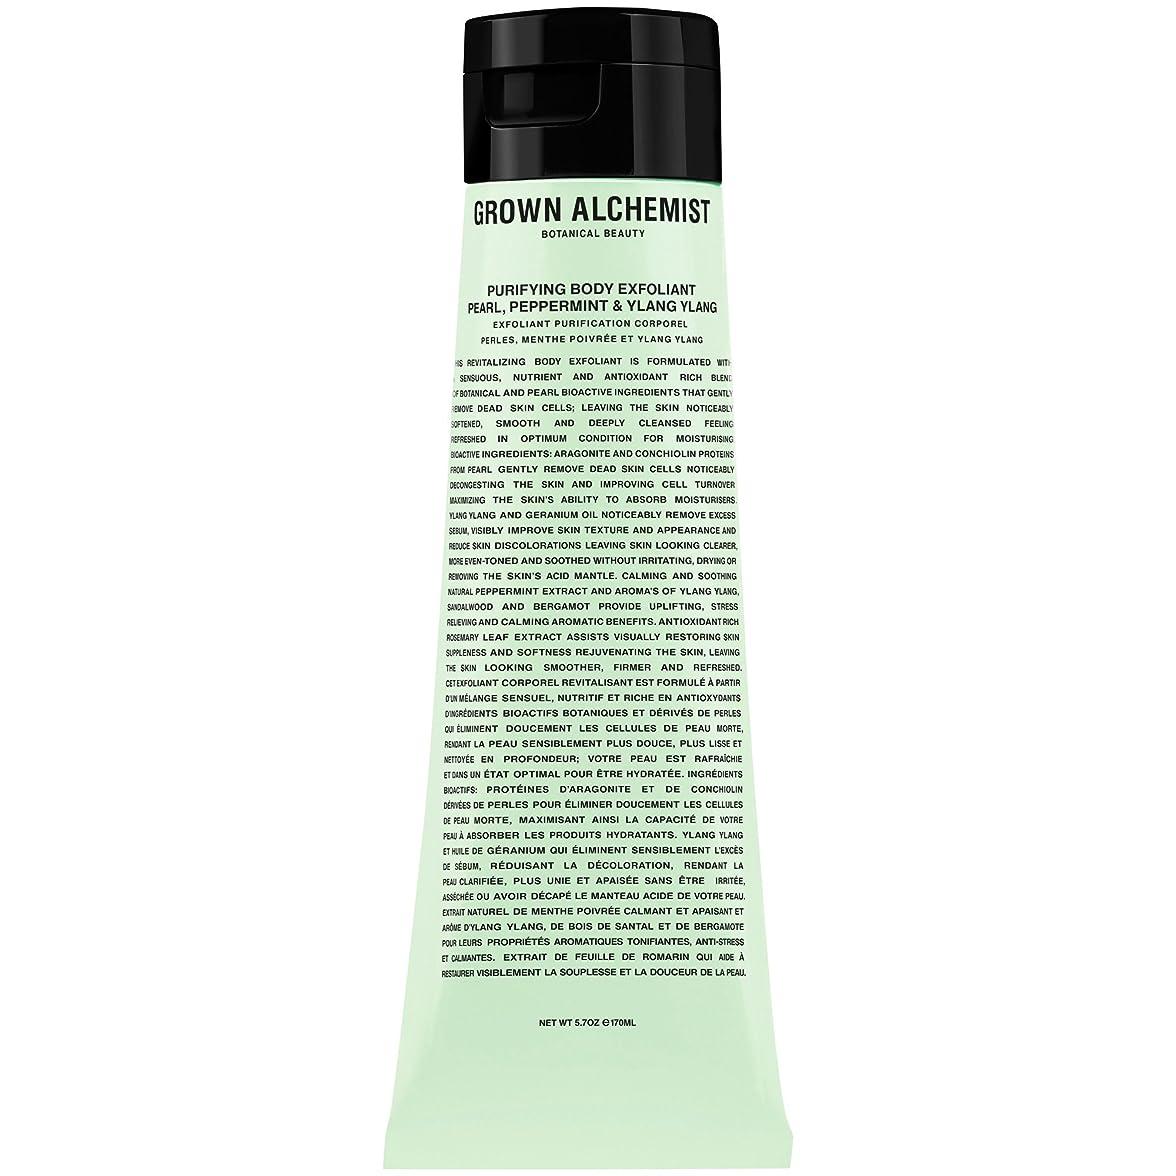 講師樹木入り口成長した錬金術師浄化体剥脱真珠ペパーミント&イランイラン170ミリリットル (Grown Alchemist) (x2) - Grown Alchemist Purifying Body Exfoliant Pearl Peppermint & Ylang Ylang 170ml (Pack of 2) [並行輸入品]